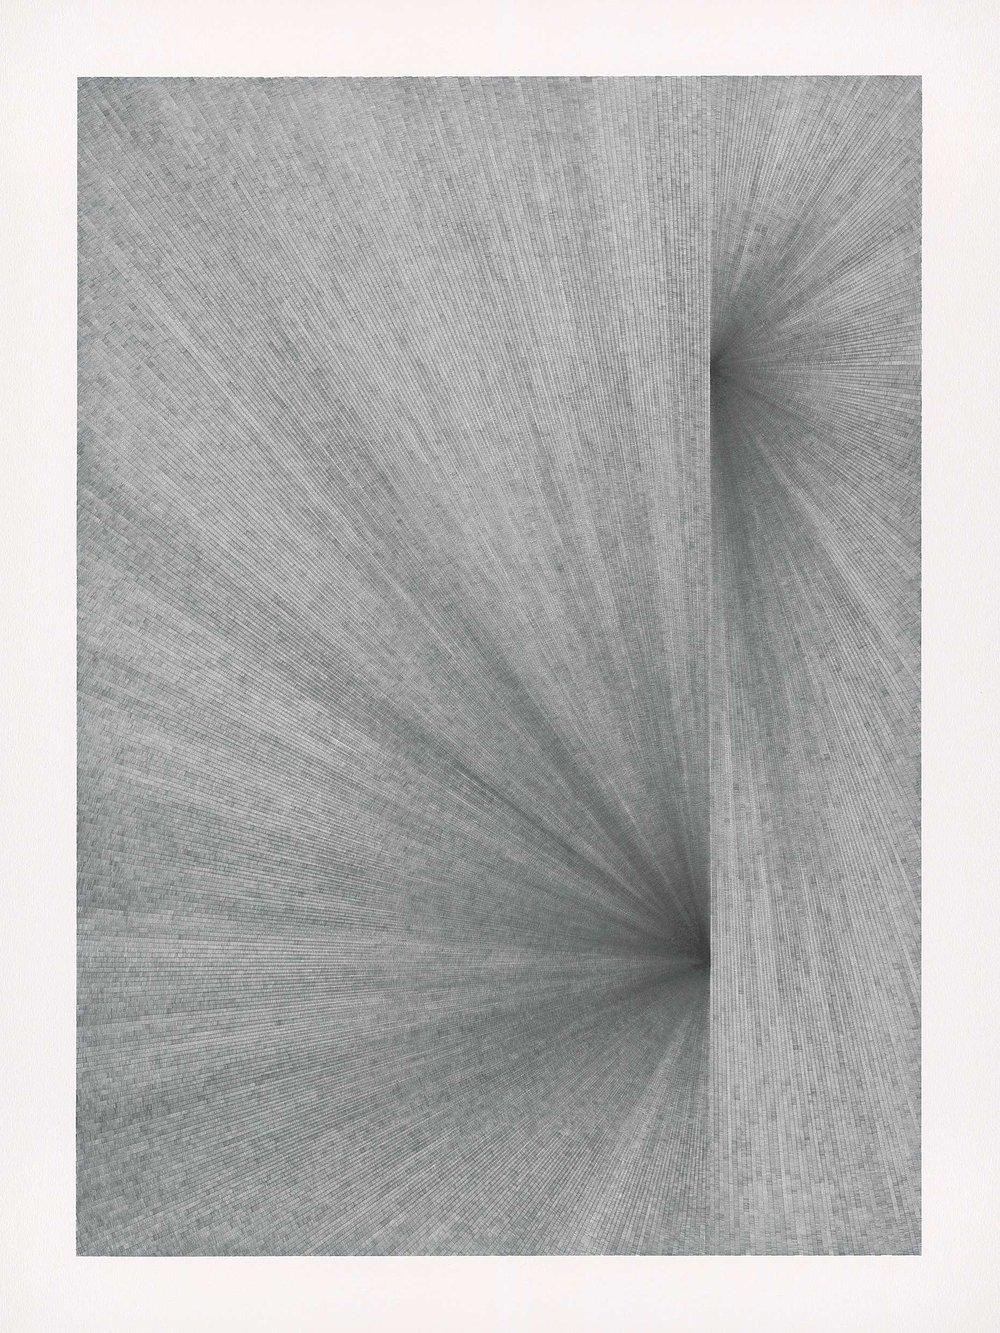 Plain Dust #14 - Alexandra Roozen